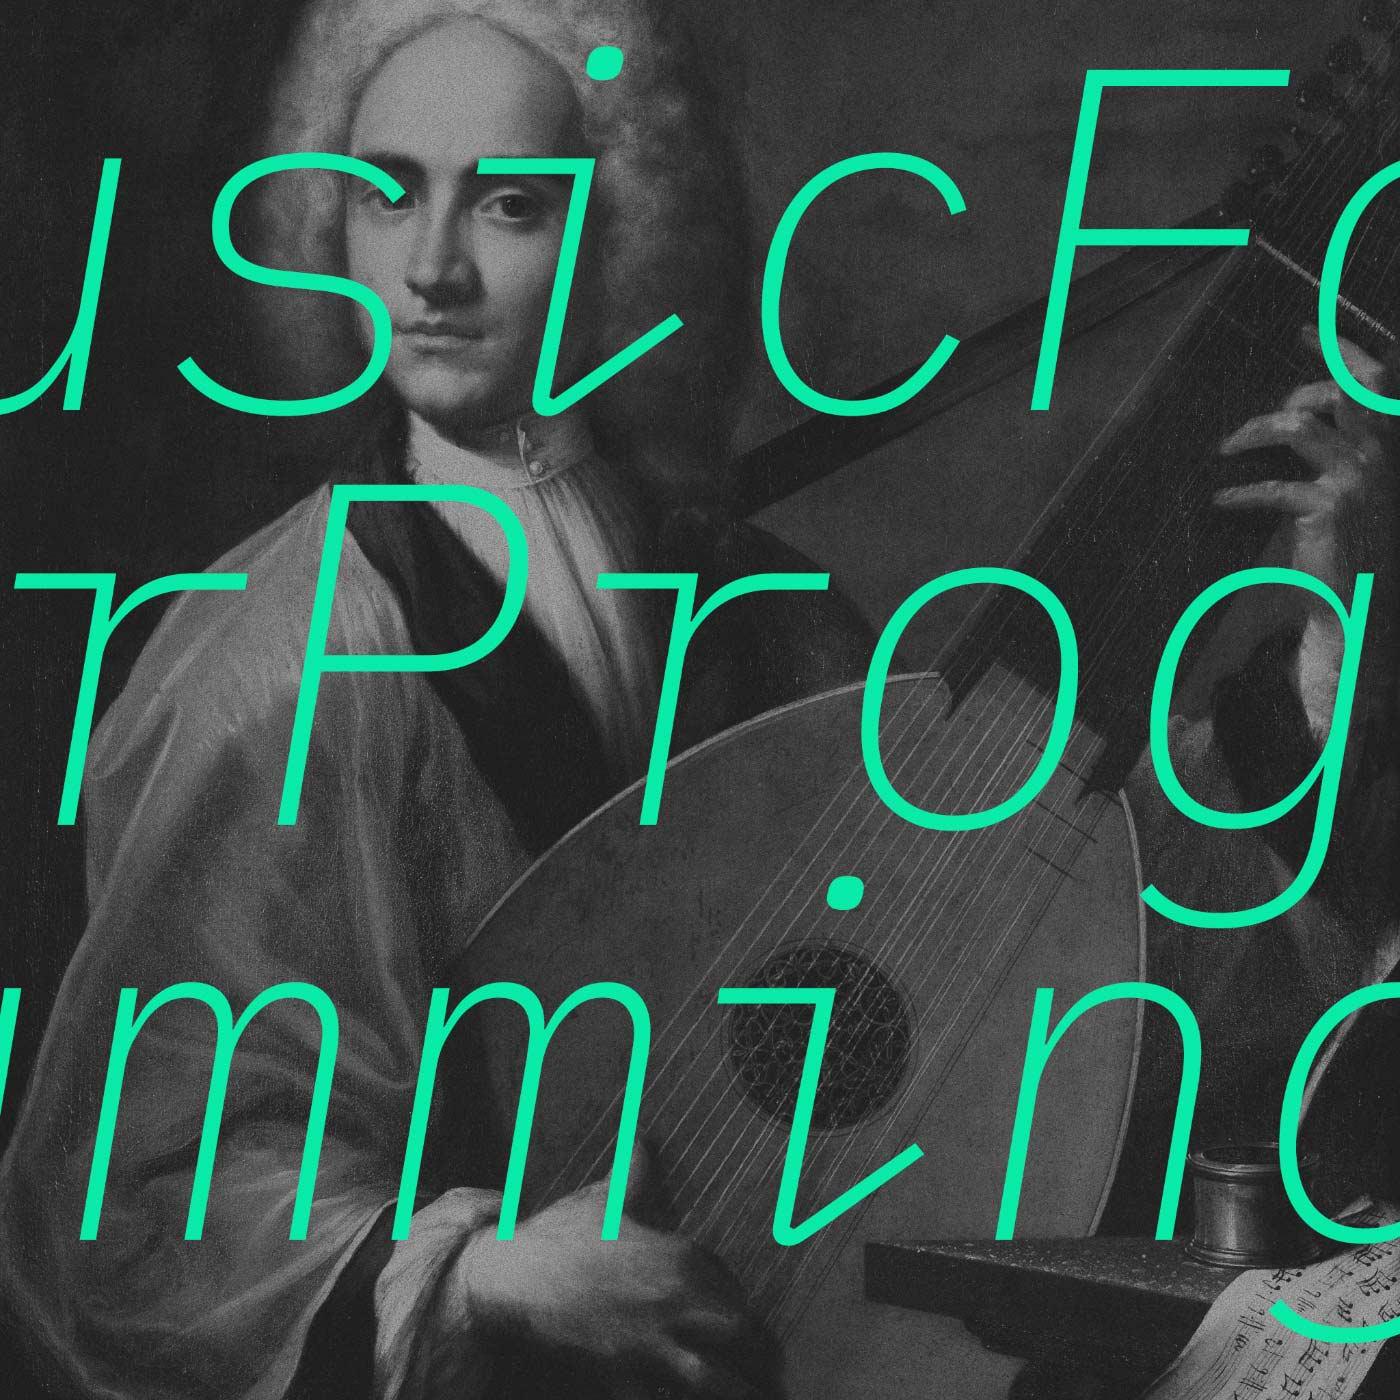 https://i0.wp.com/musicforprogramming.net/img/folder.jpg